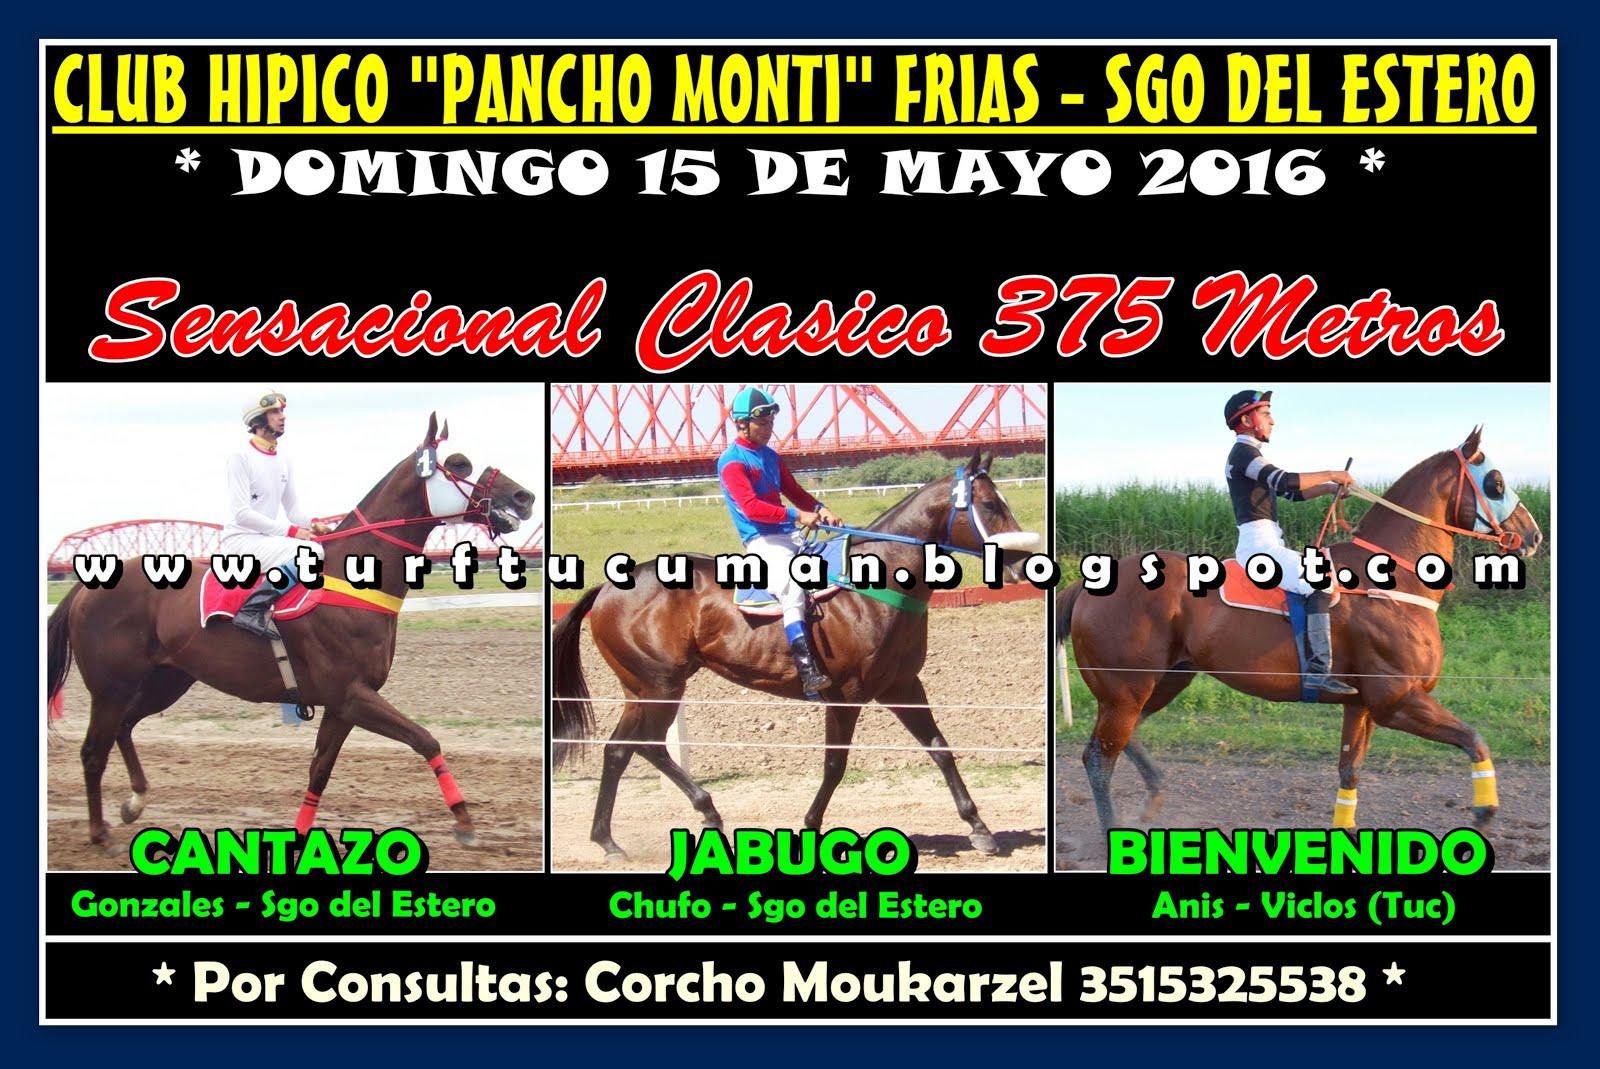 CLASICO FRIAS C J B